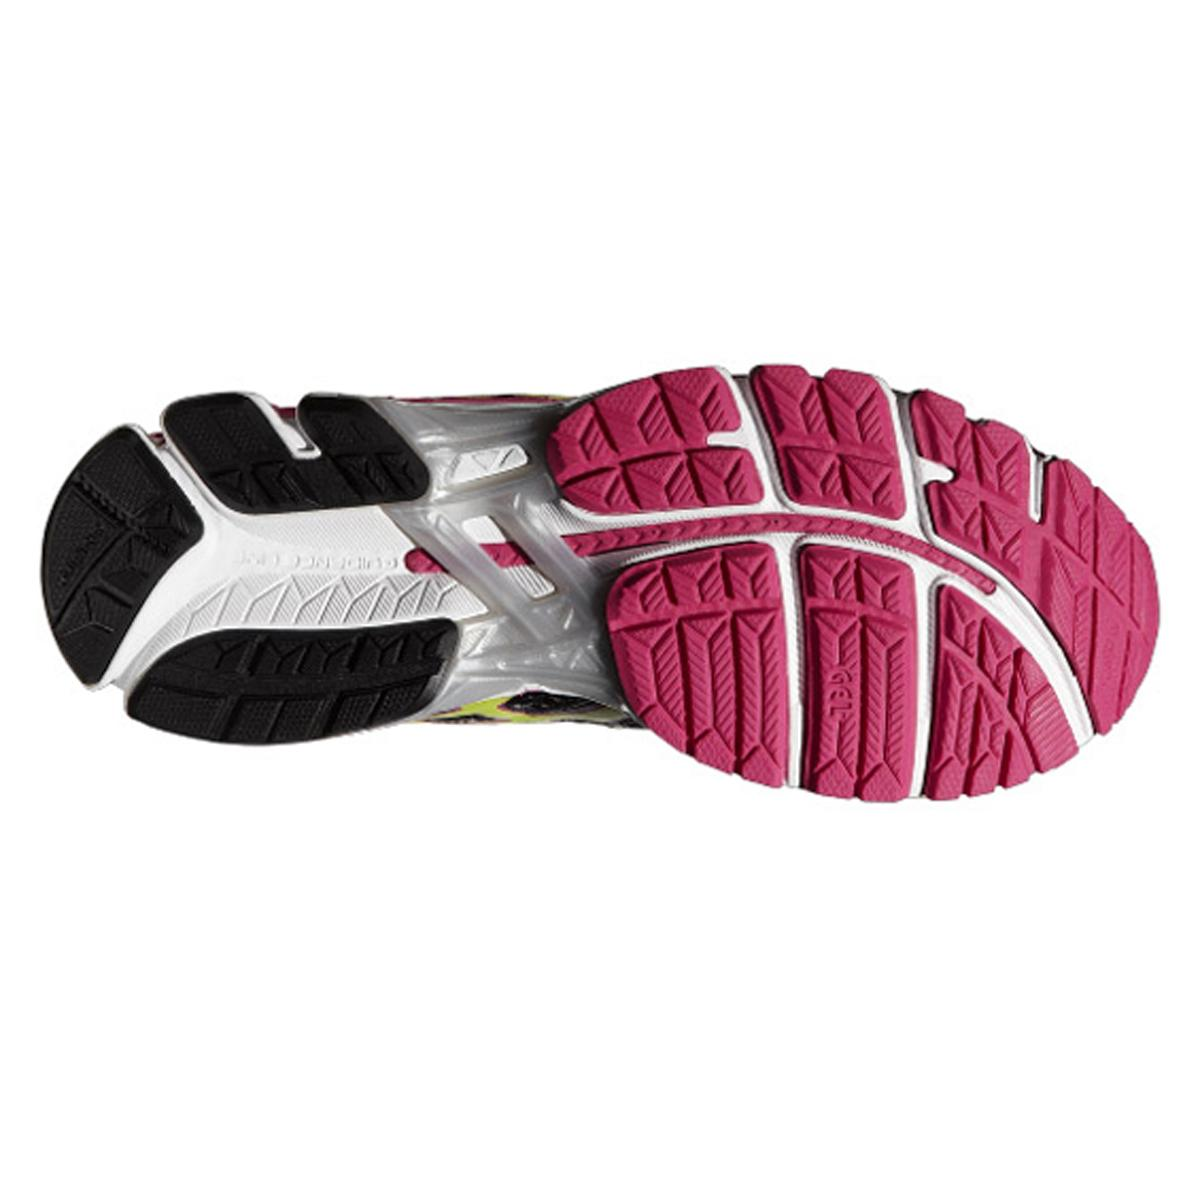 00c5a876de1e Asics Womens GEL Kayano 20 Running Shoes - Black Raspberry ...